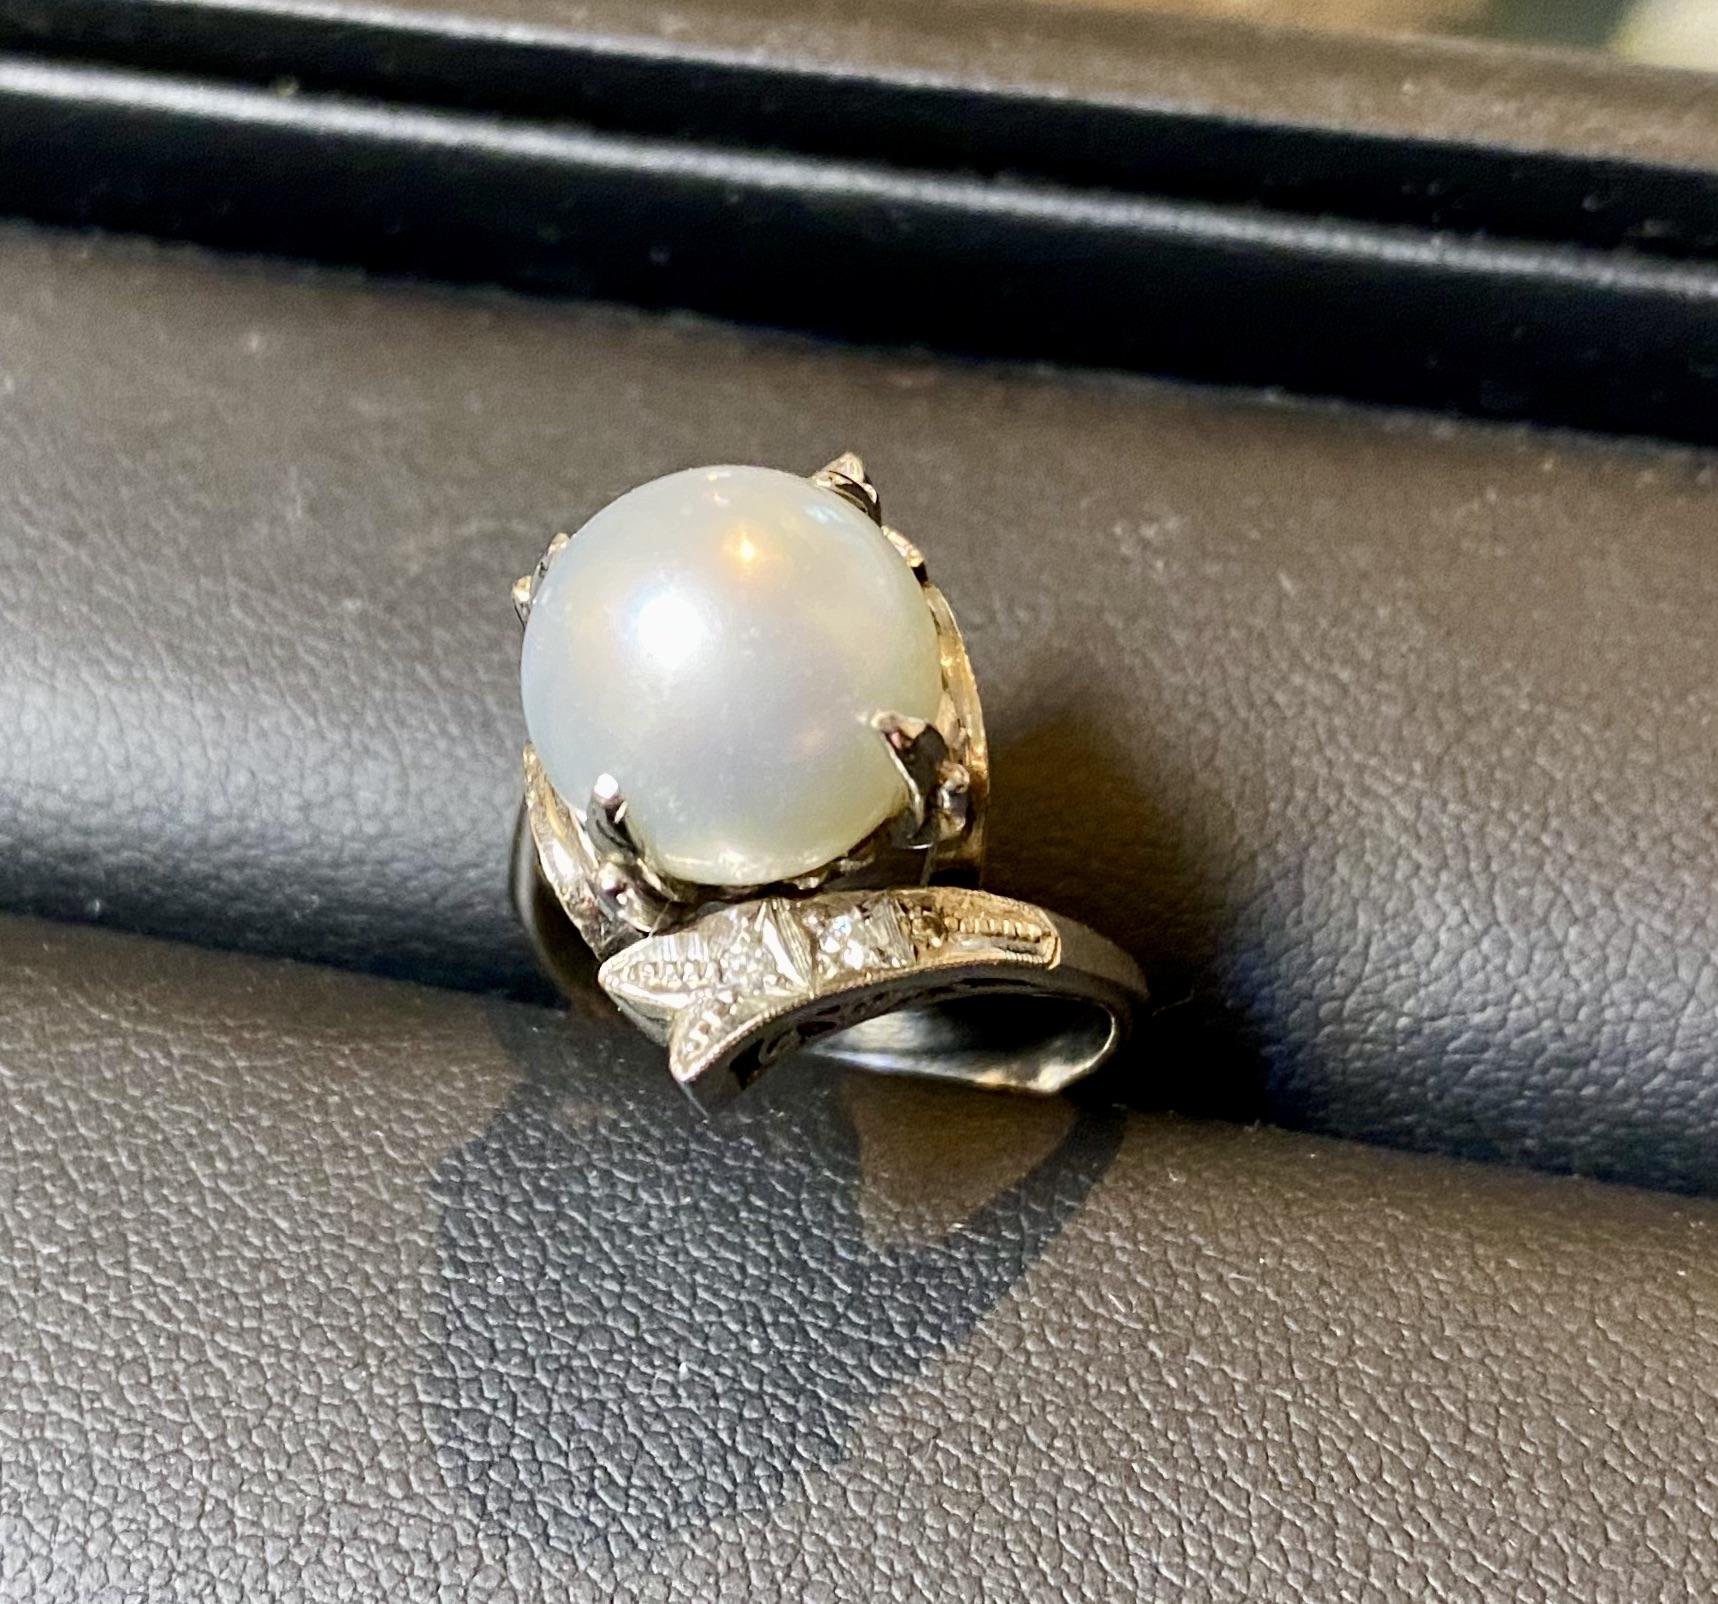 Pt900 プラチナのパールリング(真珠の指輪)をお買取